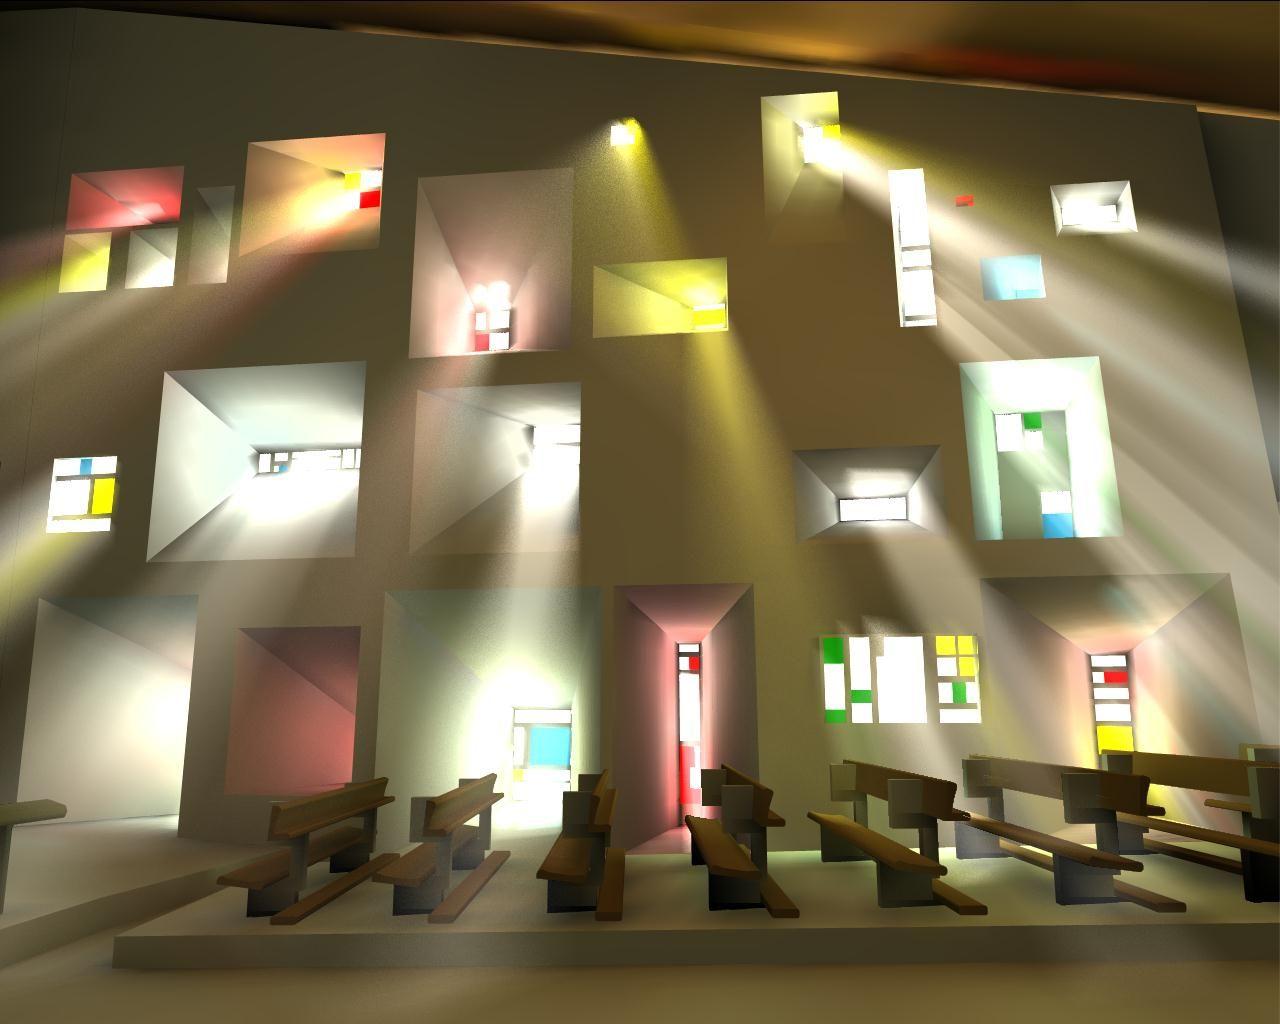 Le corbusier chapel ronchamp du haut buildings i love - Le corbusier design ...